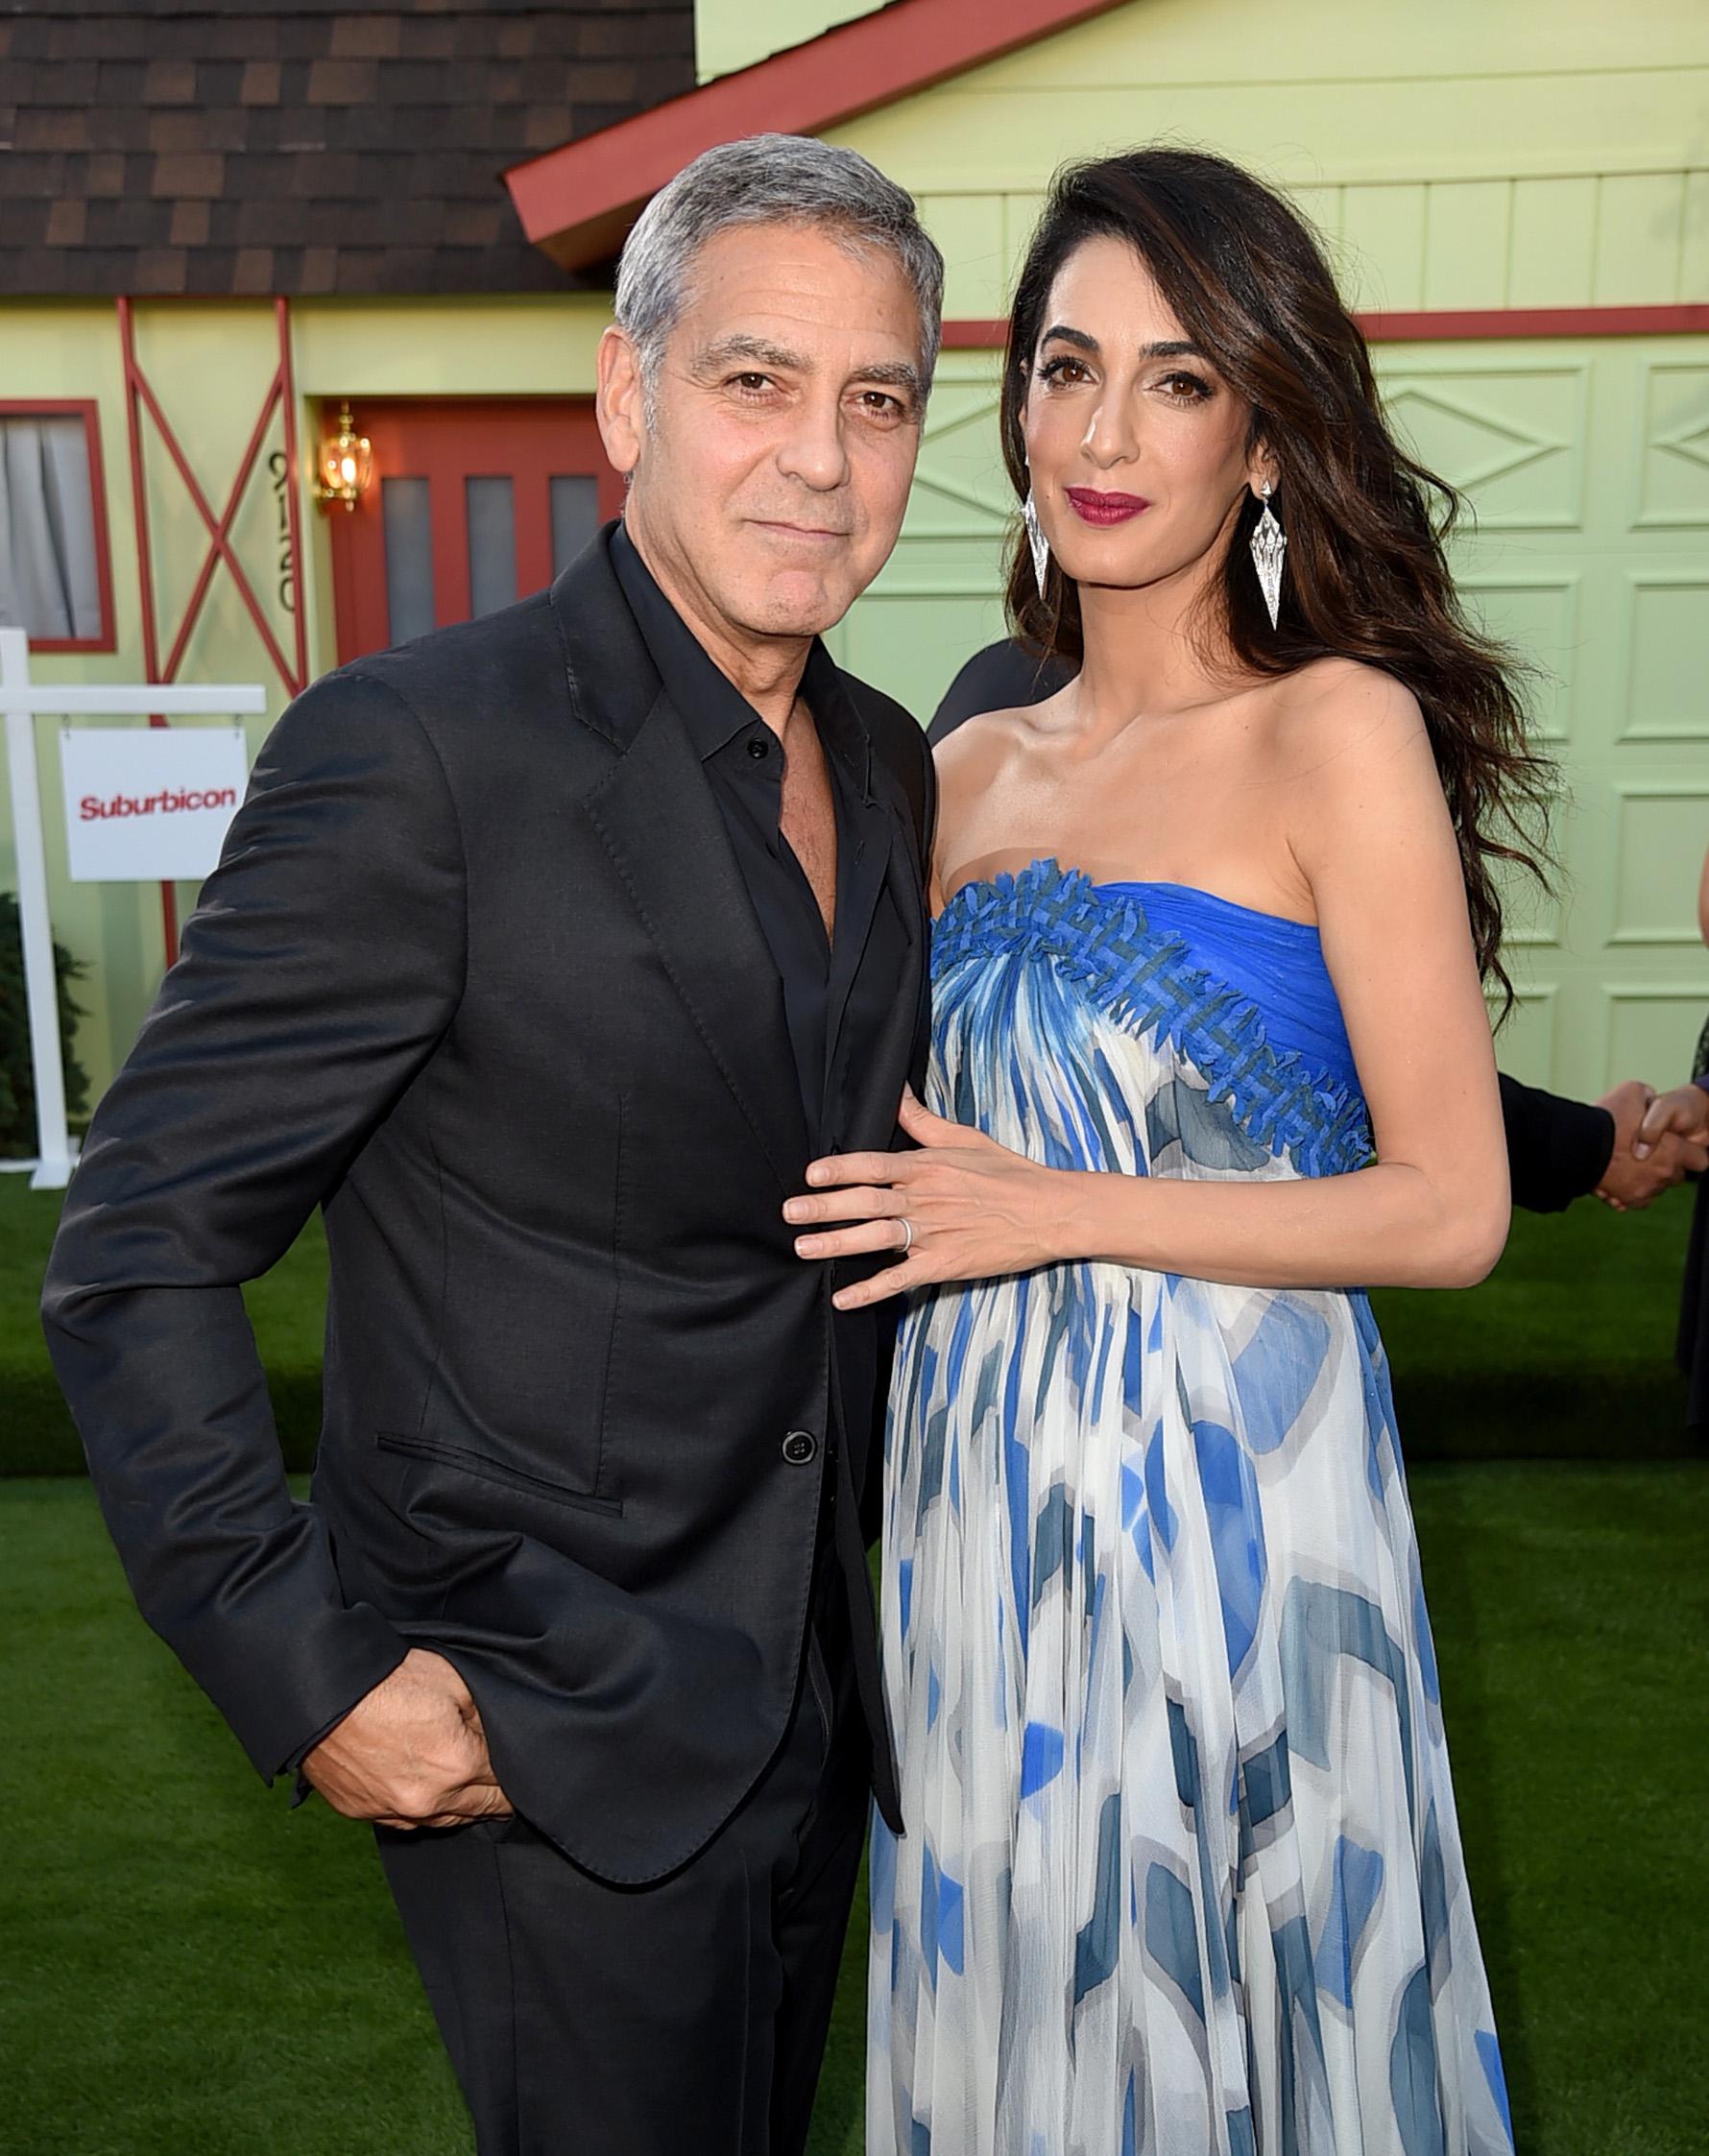 George i Amal već su donirali više od milijun dolara za oboljele od koronavirusa.